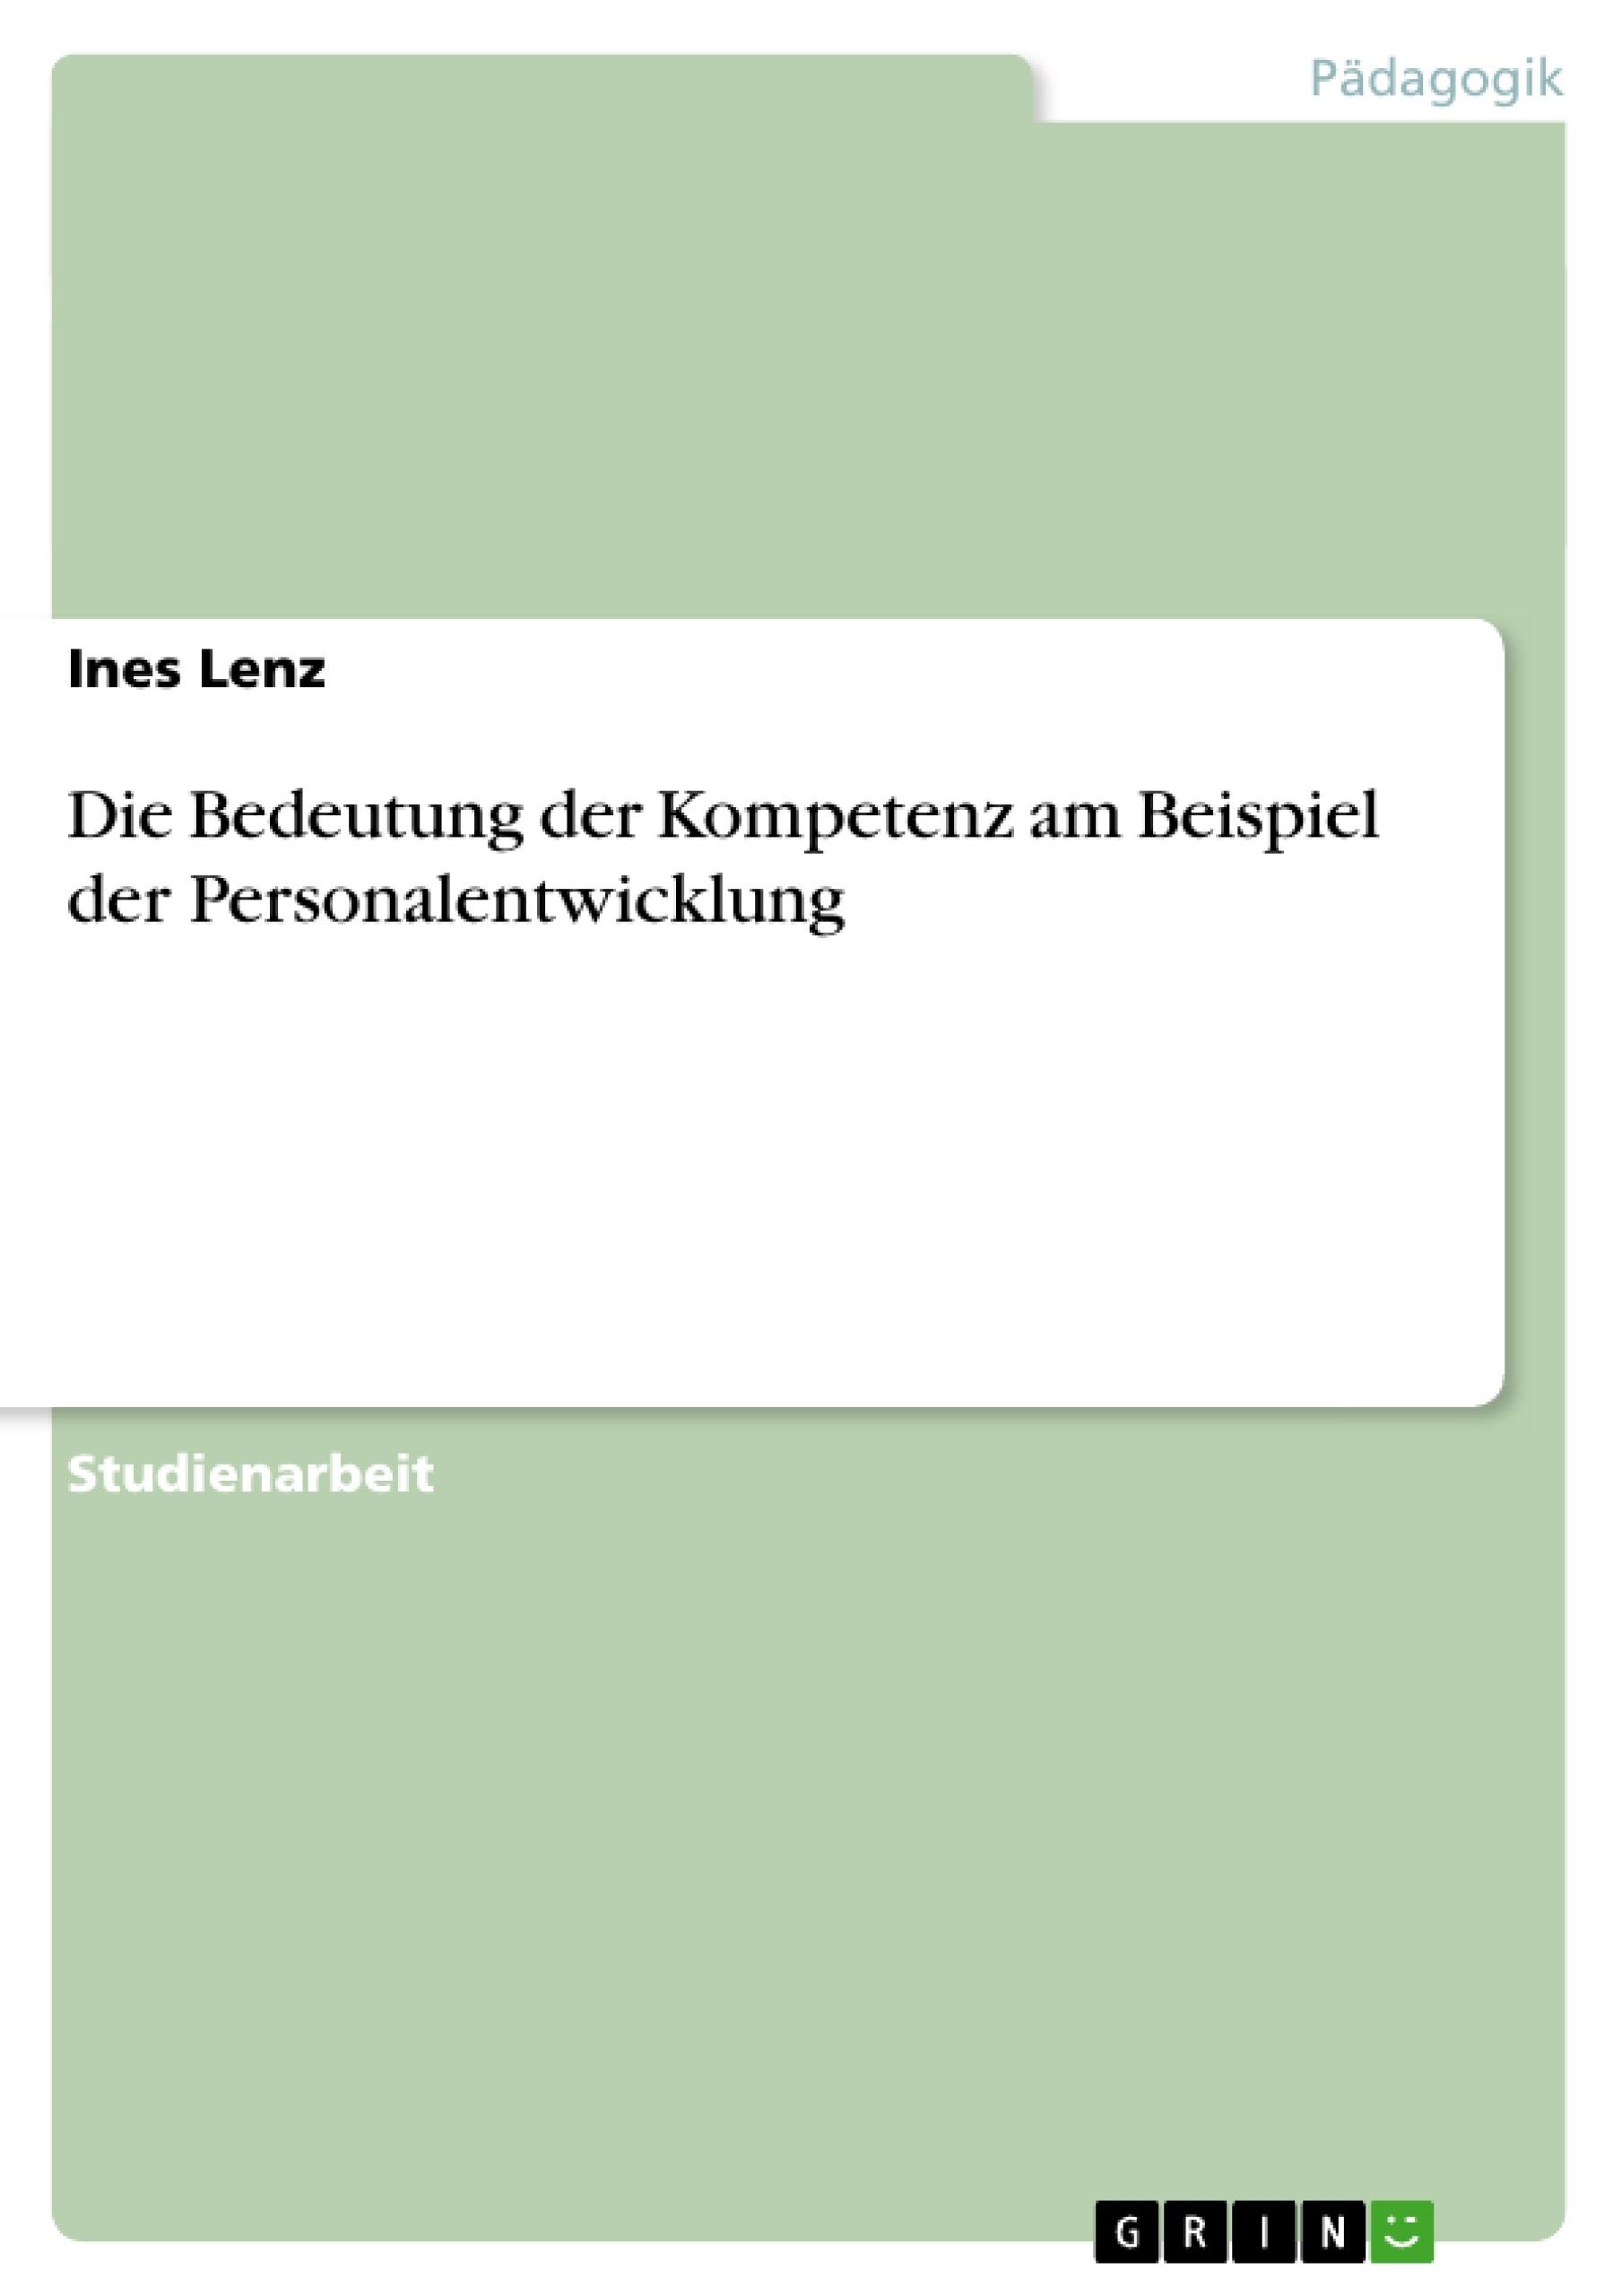 Titel: Die Bedeutung der Kompetenz am Beispiel der Personalentwicklung